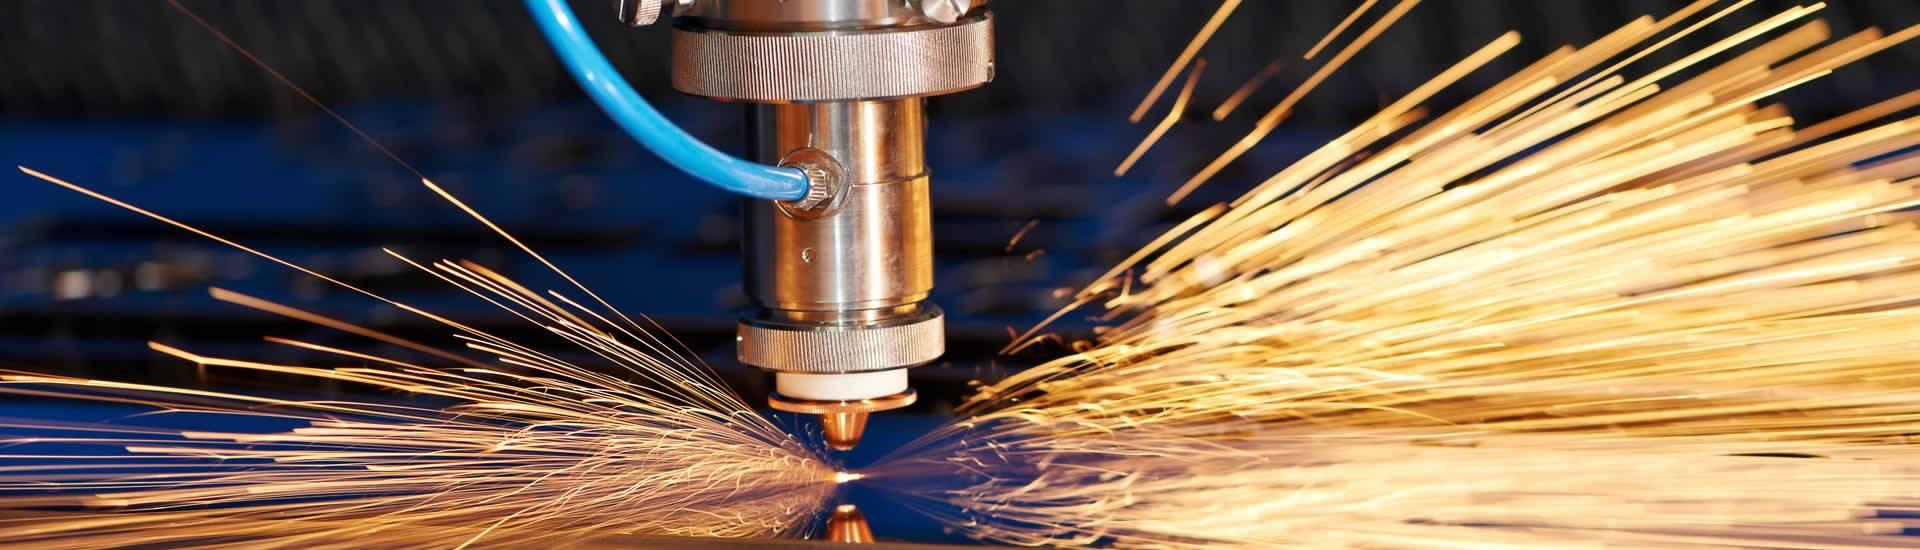 Branche Maschinenbau_Laserschneider